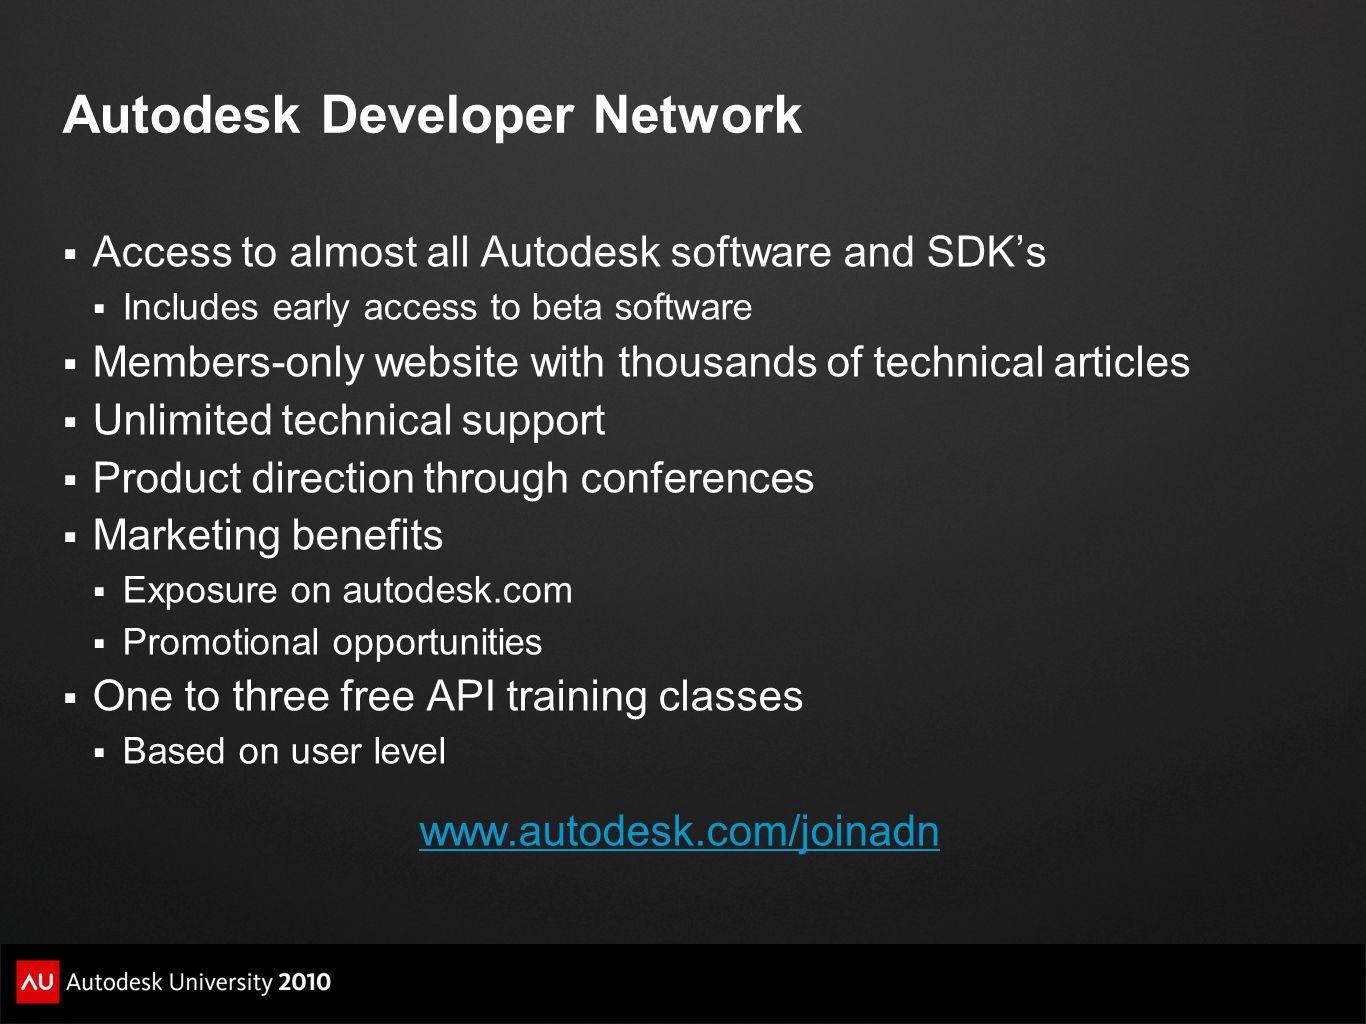 Autodesk Developer Network